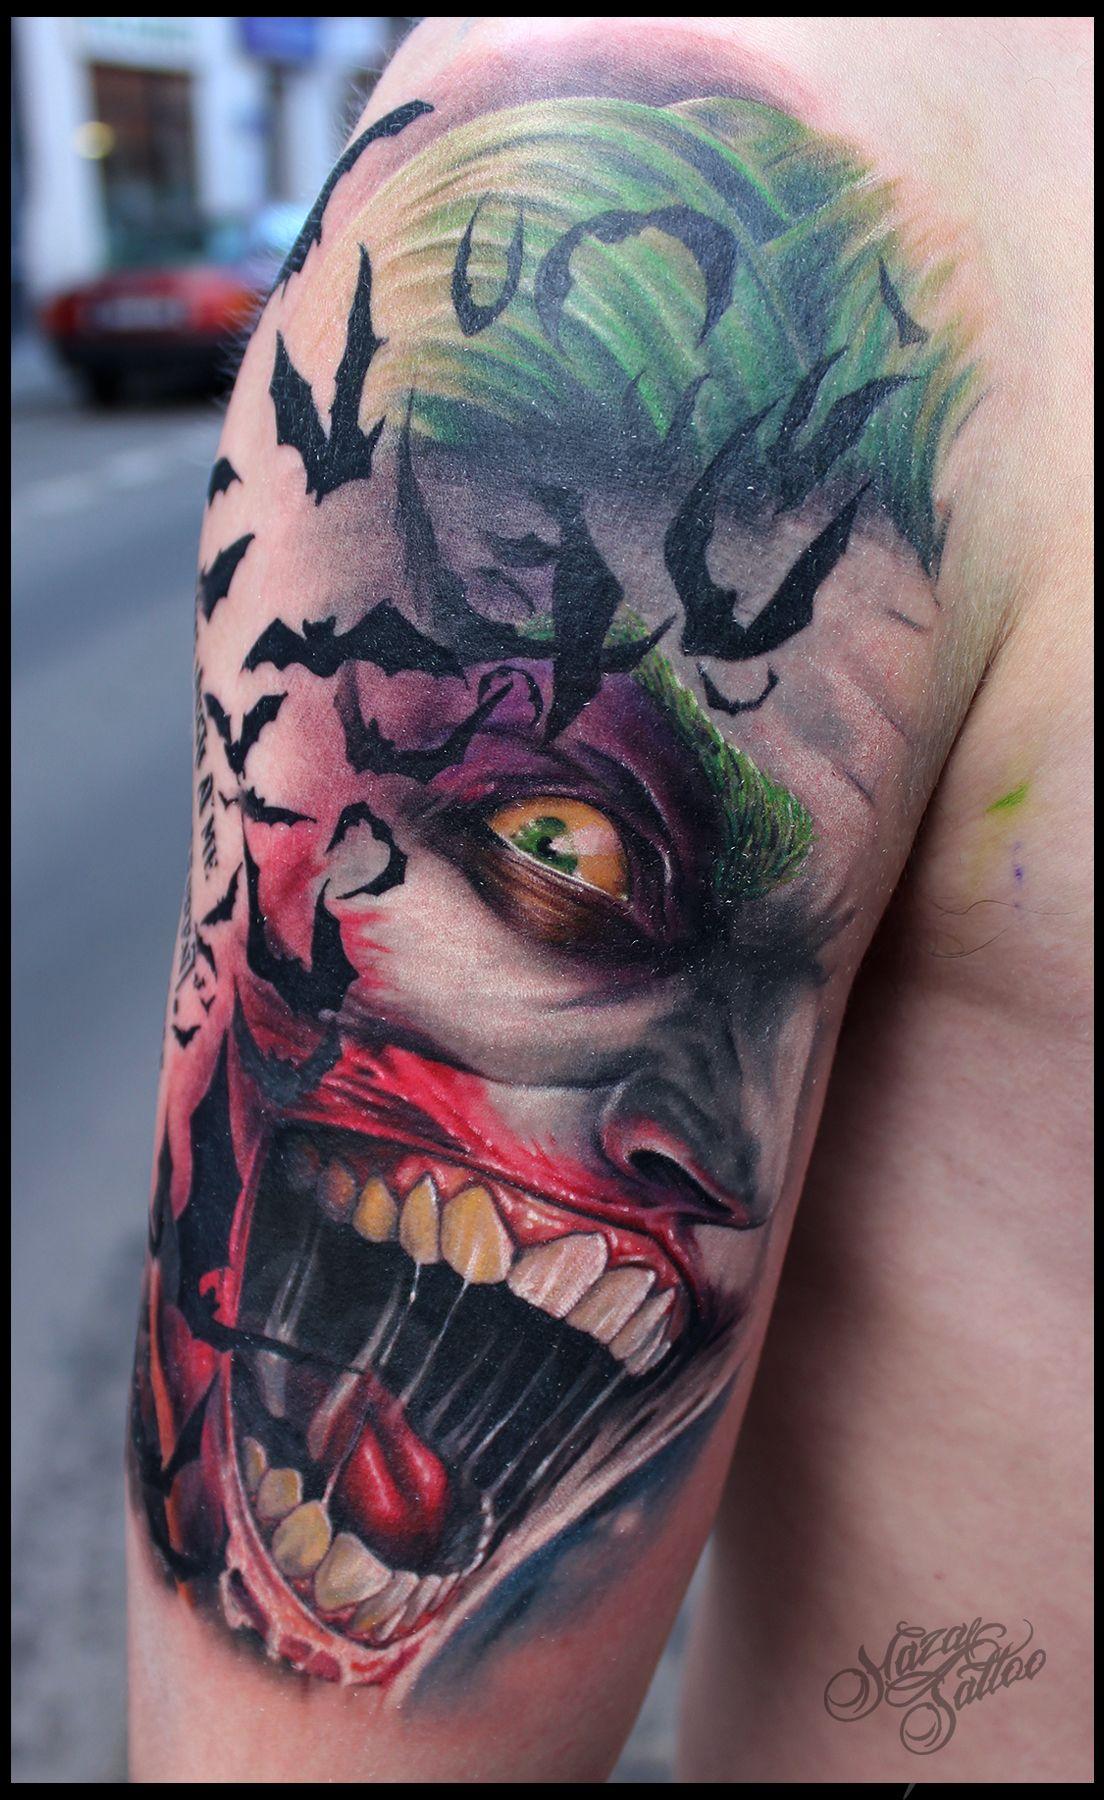 Joker Smile 3d Hazatattoo Smile Tattoo Joker Smile Tattoo Studio